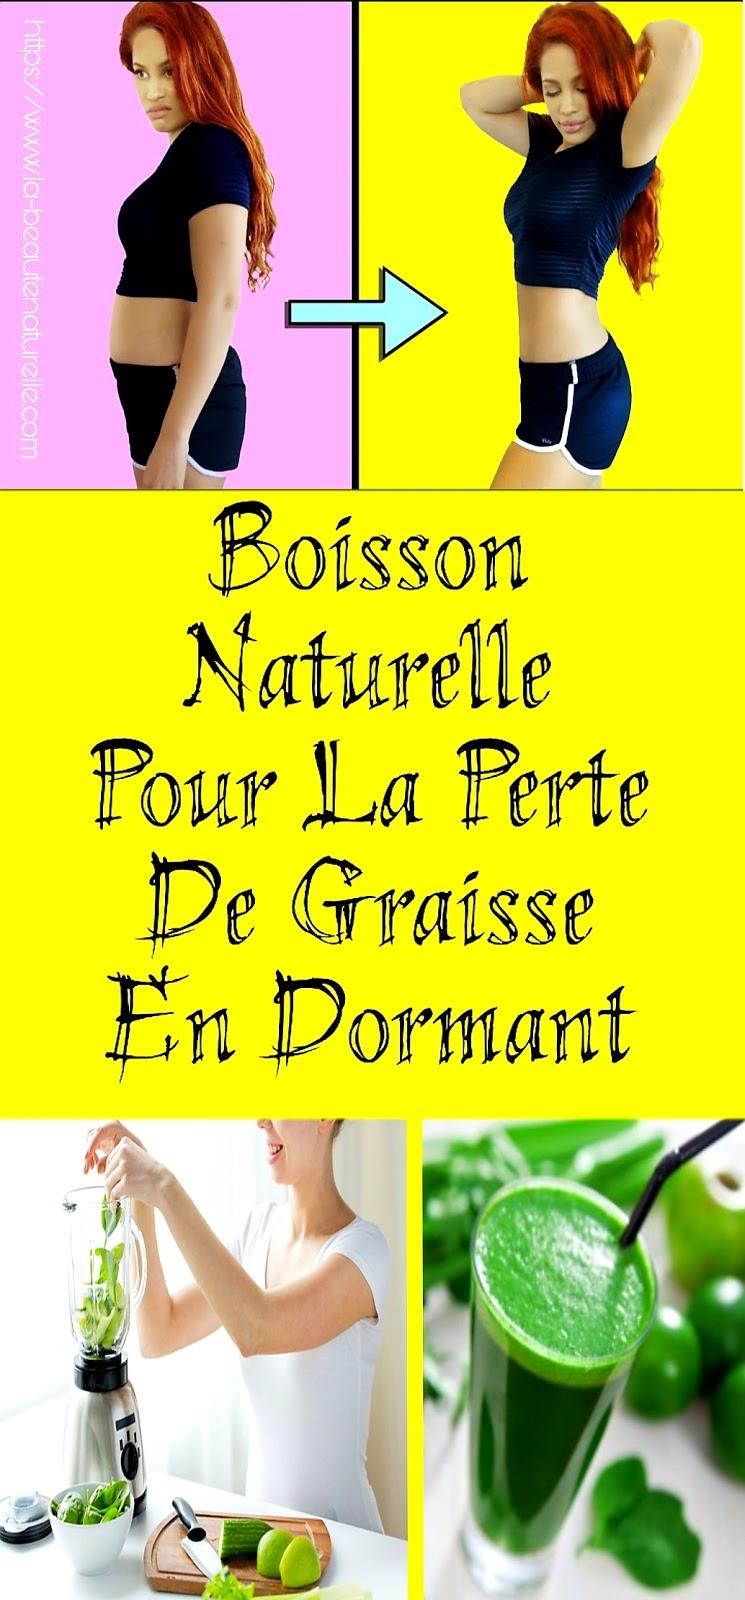 Boisson Naturelle Pour La Perte De Graisse En Dormant